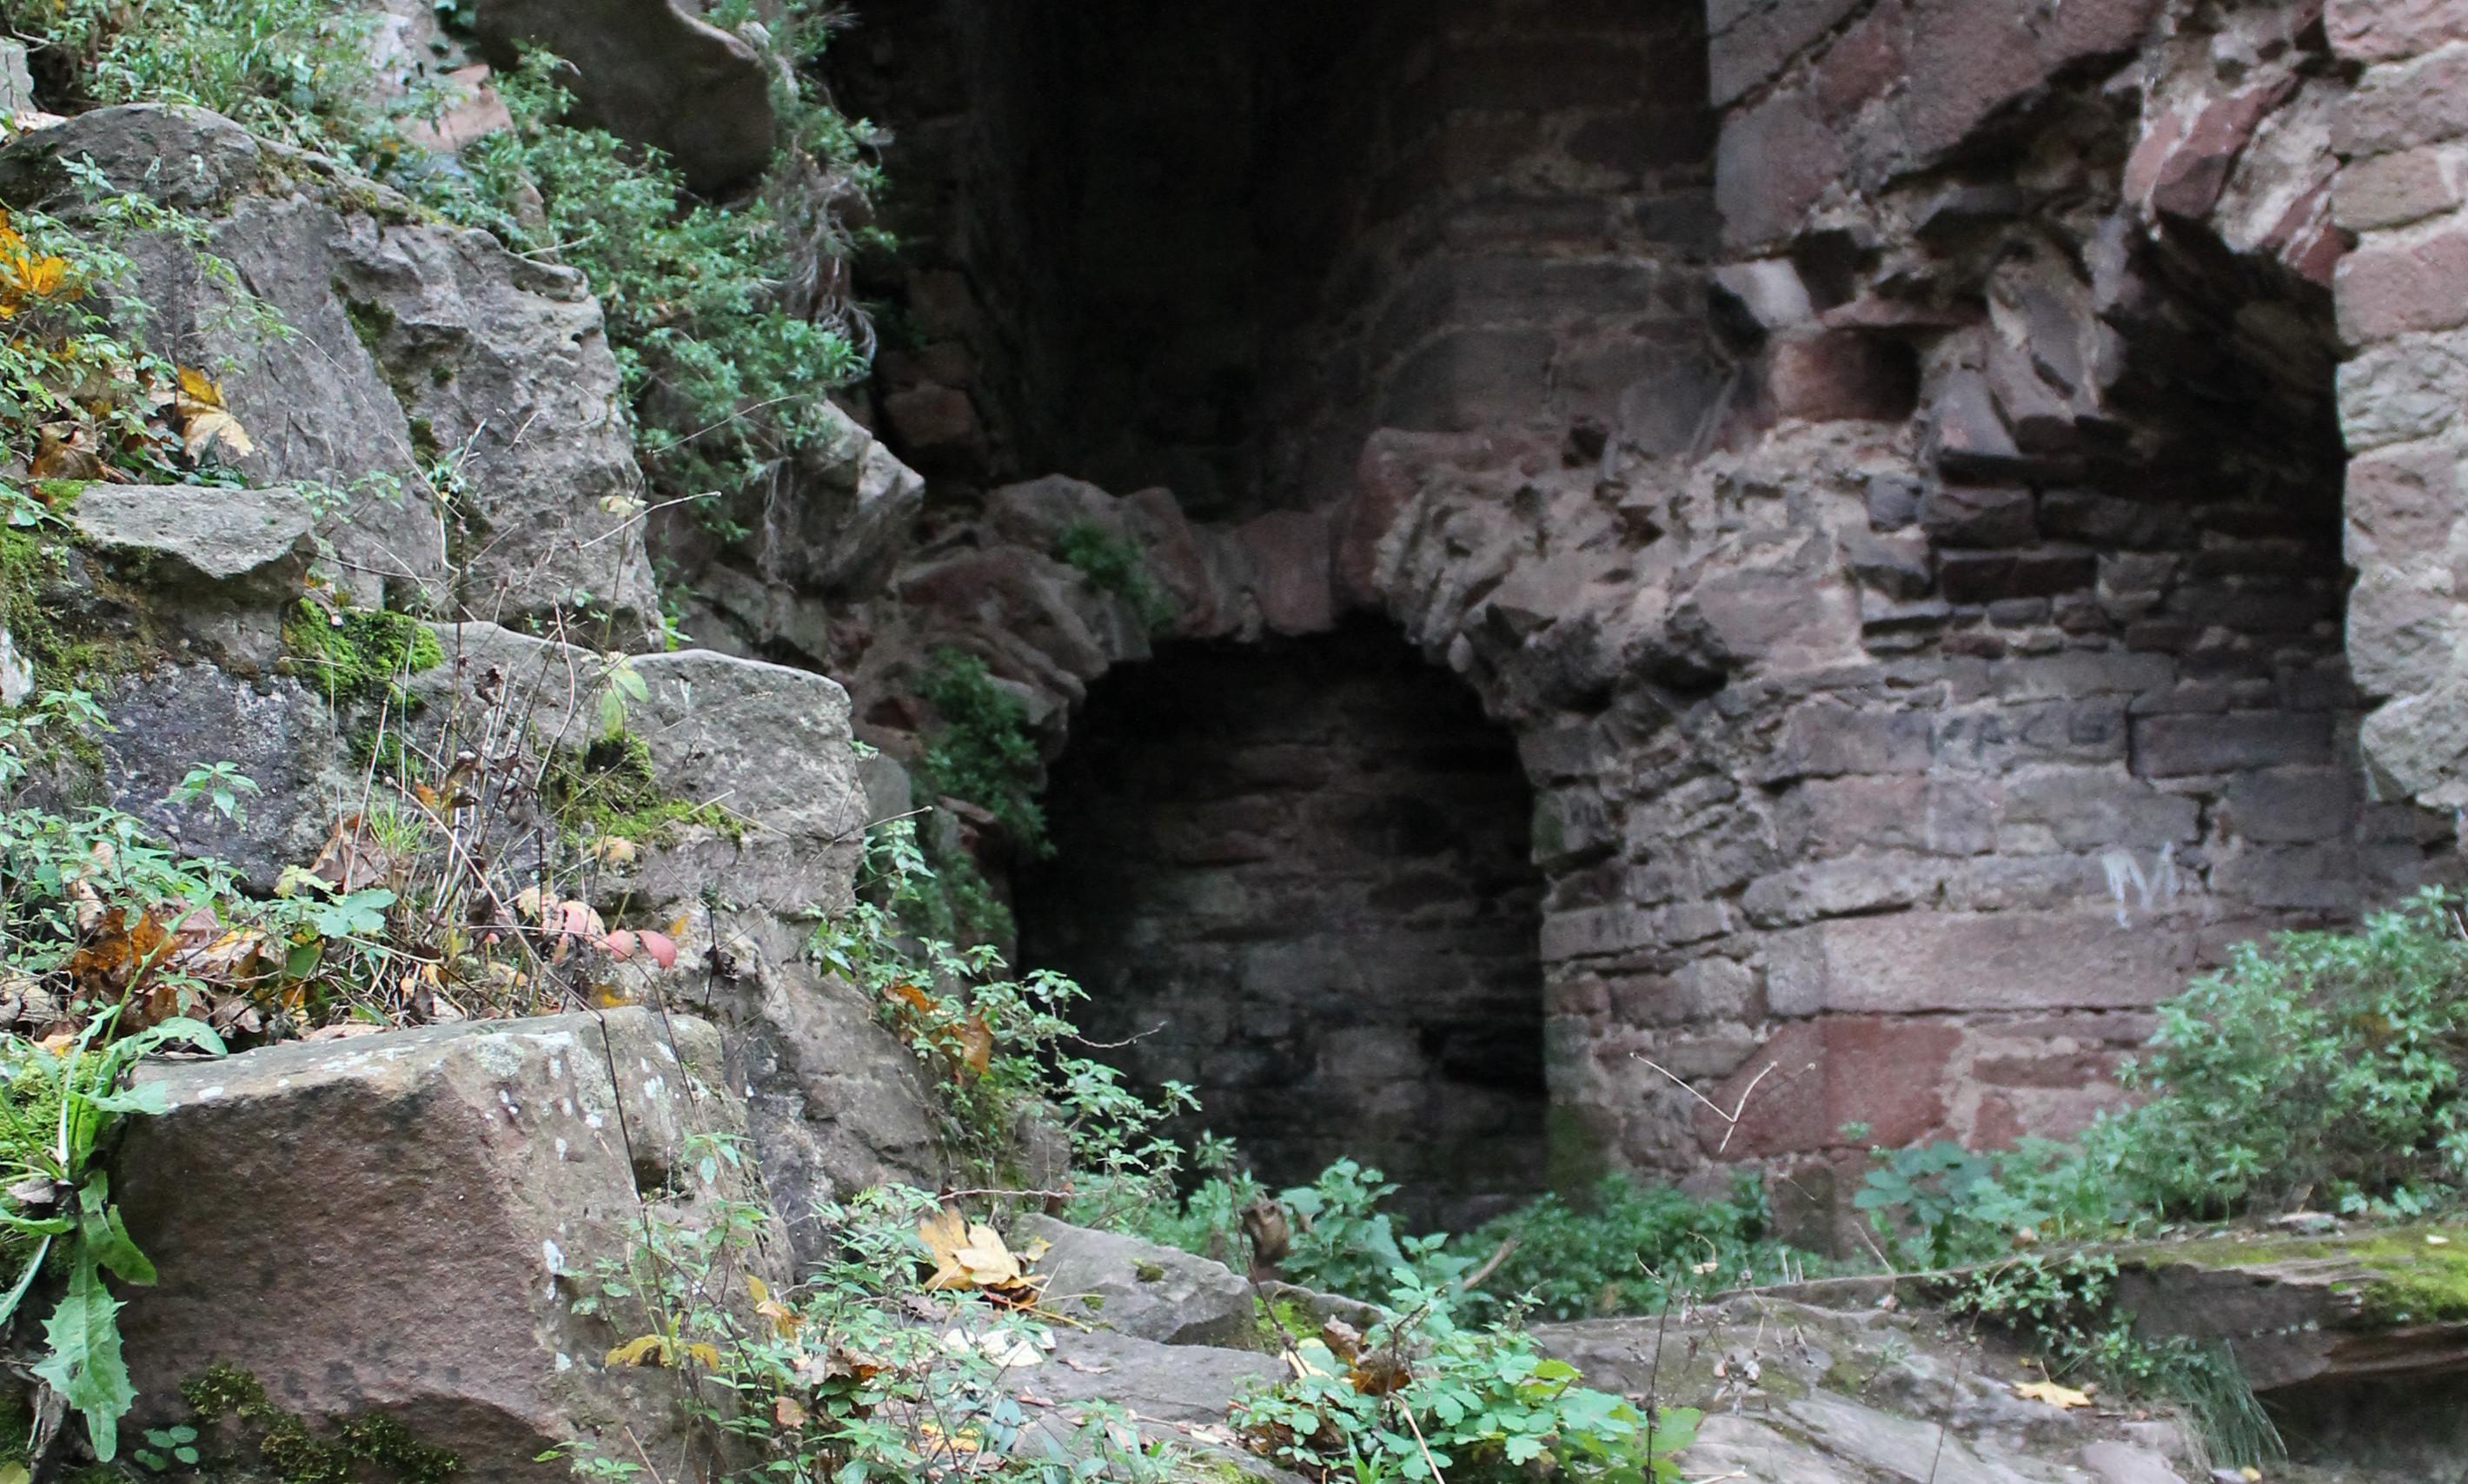 Ein Eingang in die Heidelberger Unterwelt? Bild: Philipp Köhnlein